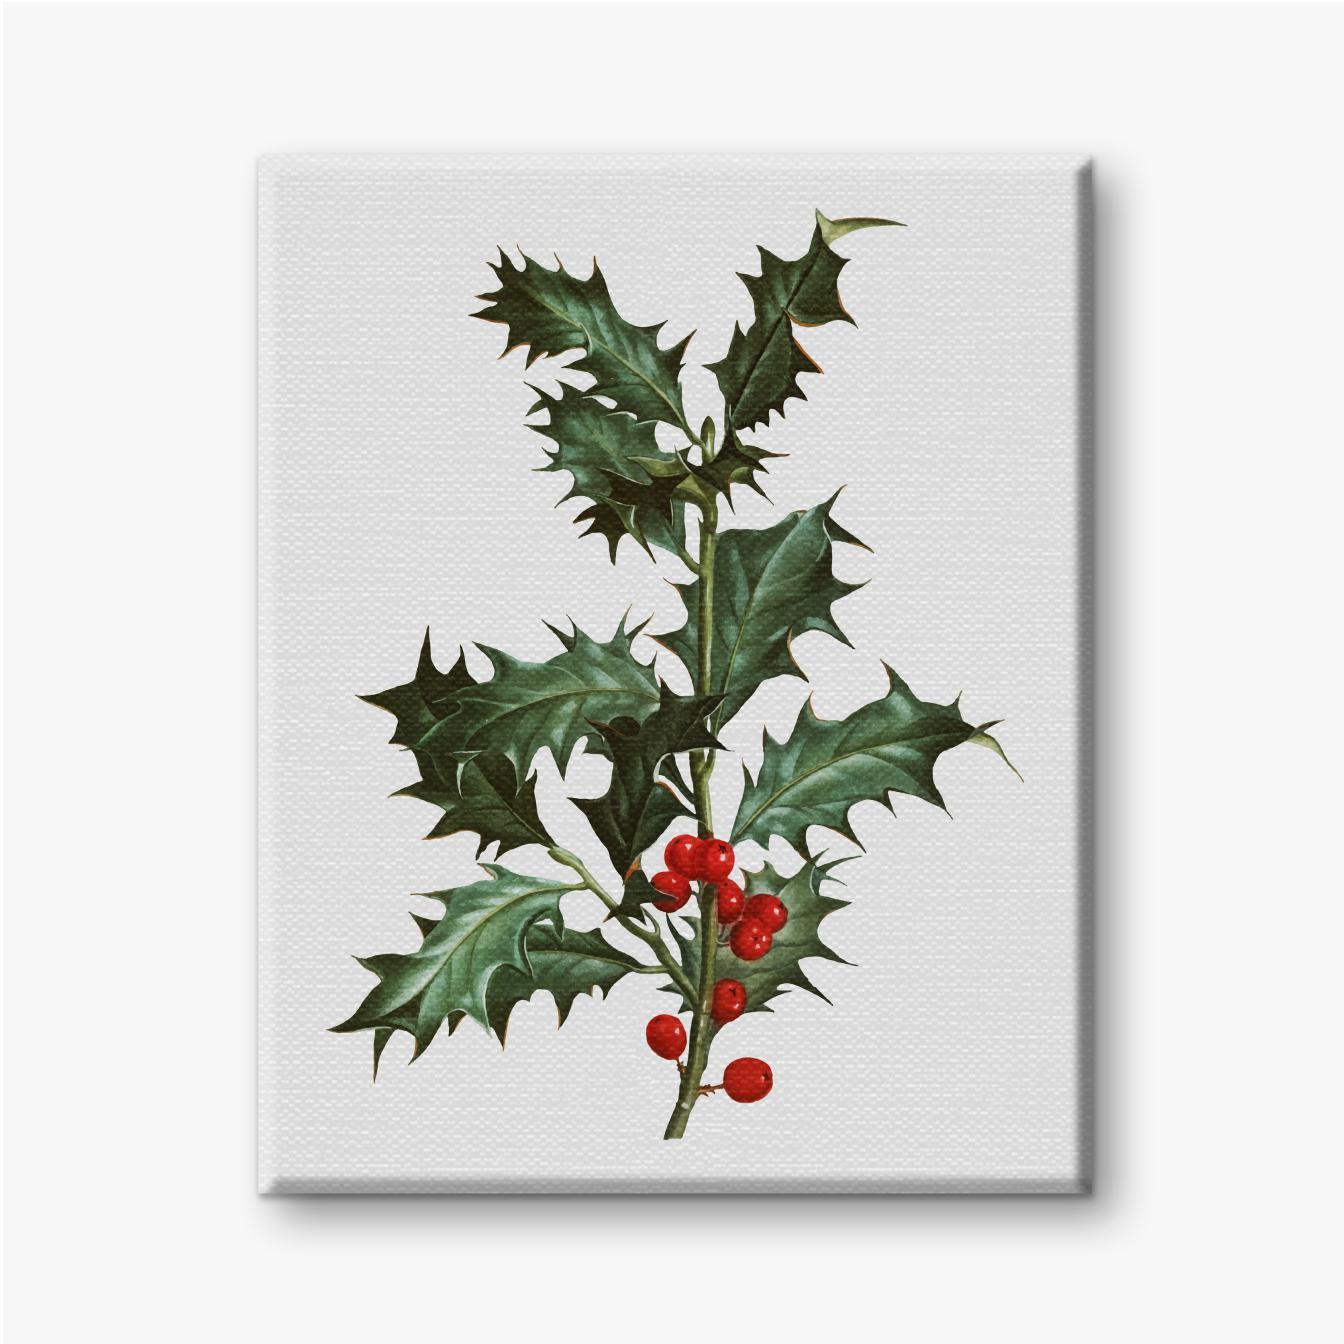 Stechpalmenzweig mit grünen Blättern und roten Früchten